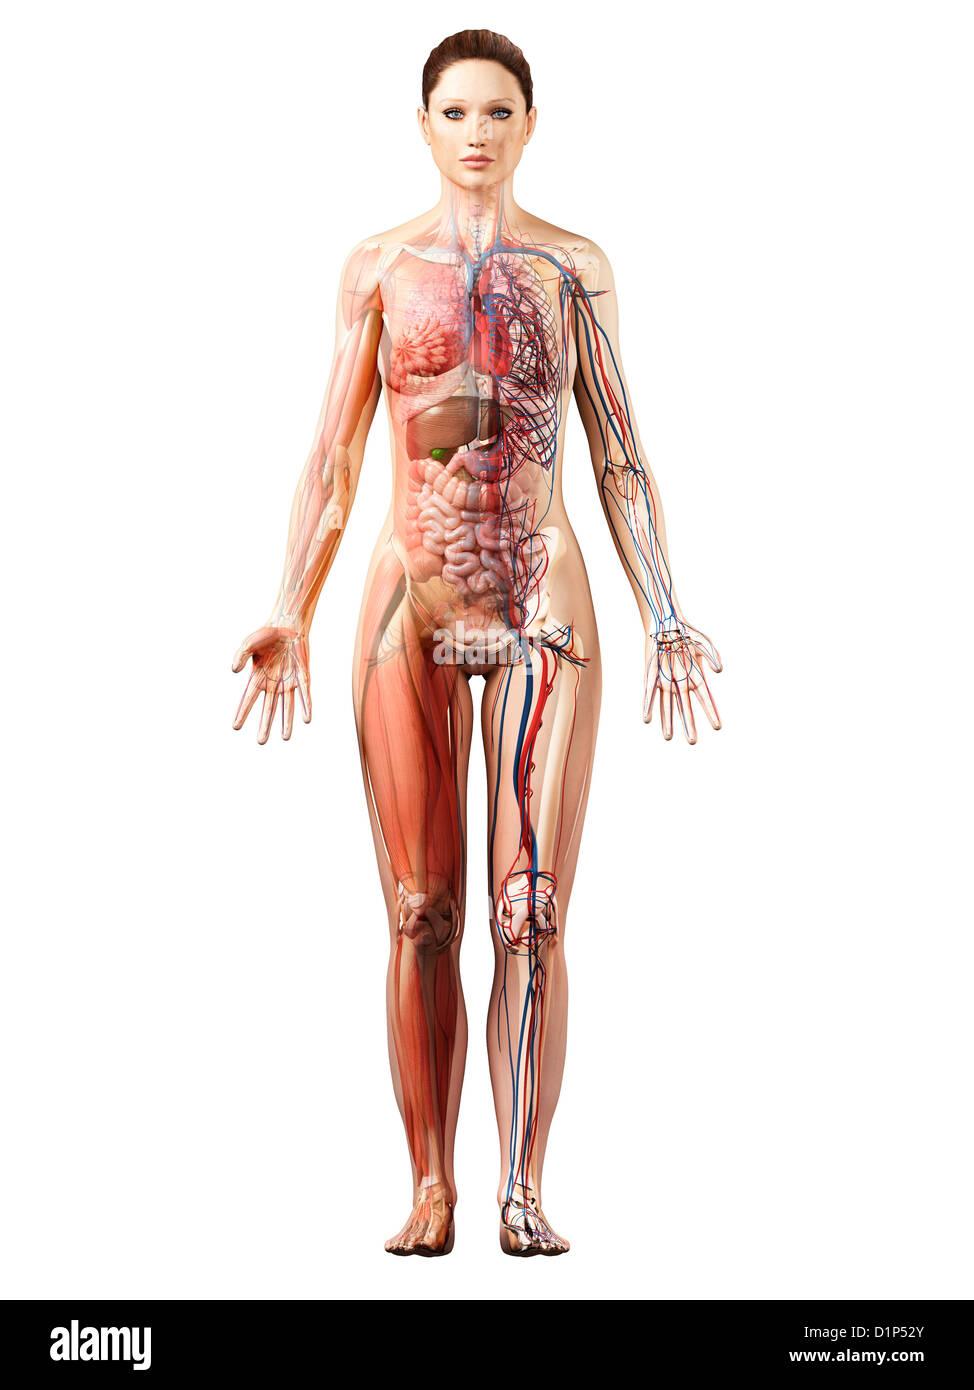 Weibliche Anatomie, artwork Stockfoto, Bild: 52732707 - Alamy